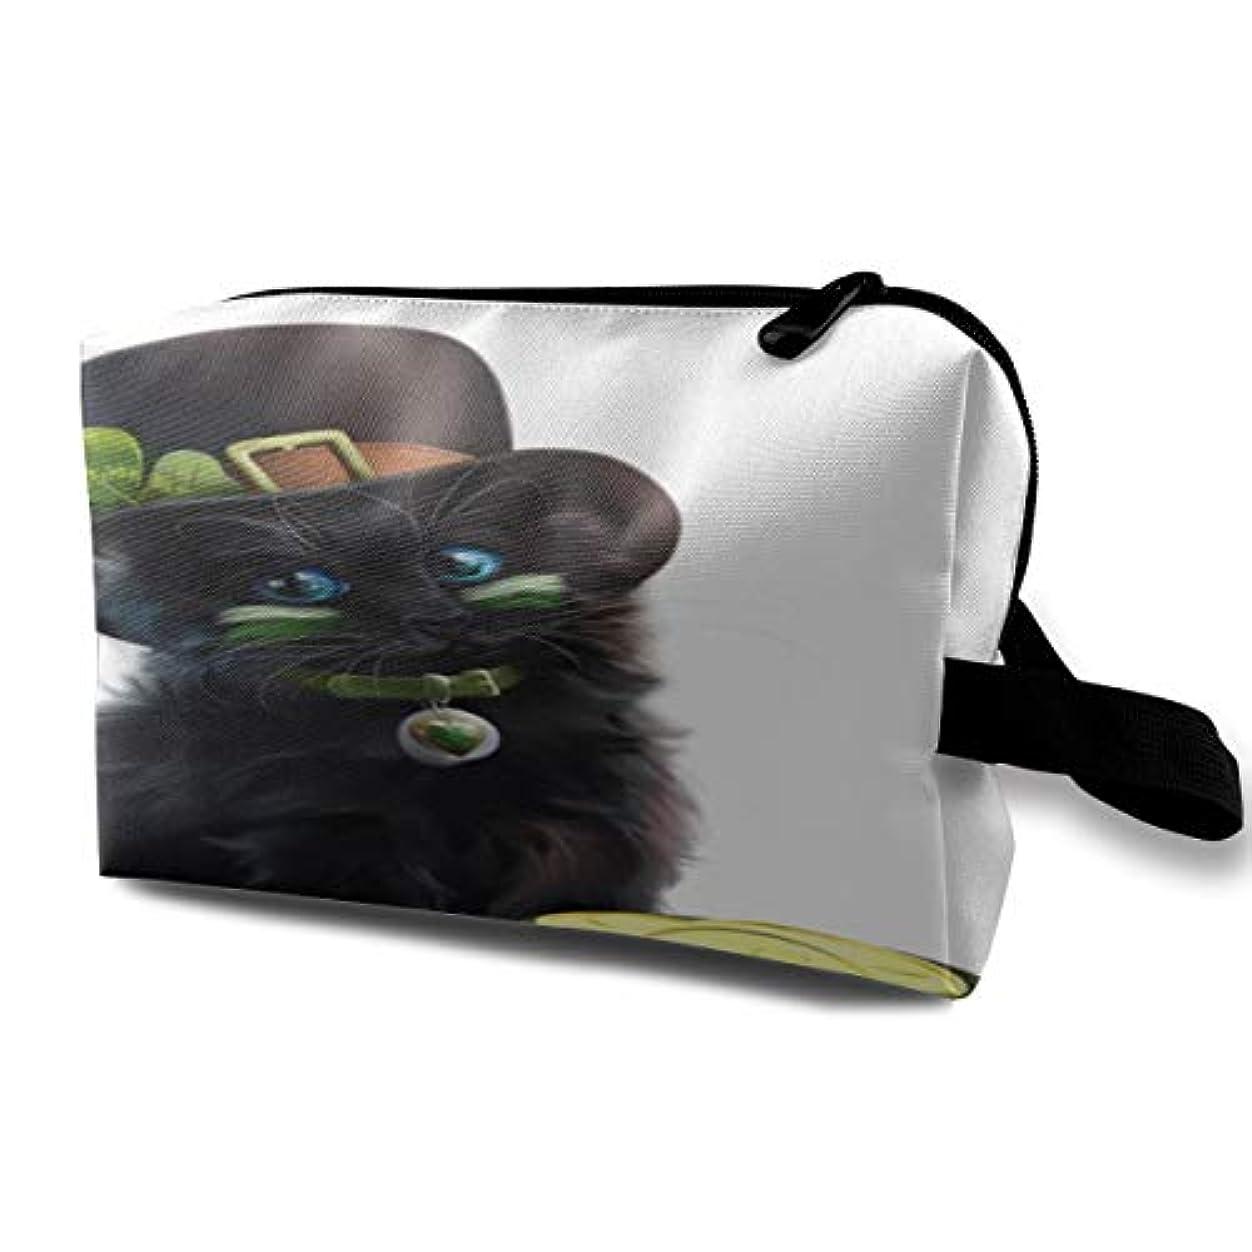 効能先住民役立つSt Patricks Day Cute Kitten 収納ポーチ 化粧ポーチ 大容量 軽量 耐久性 ハンドル付持ち運び便利。入れ 自宅?出張?旅行?アウトドア撮影などに対応。メンズ レディース トラベルグッズ